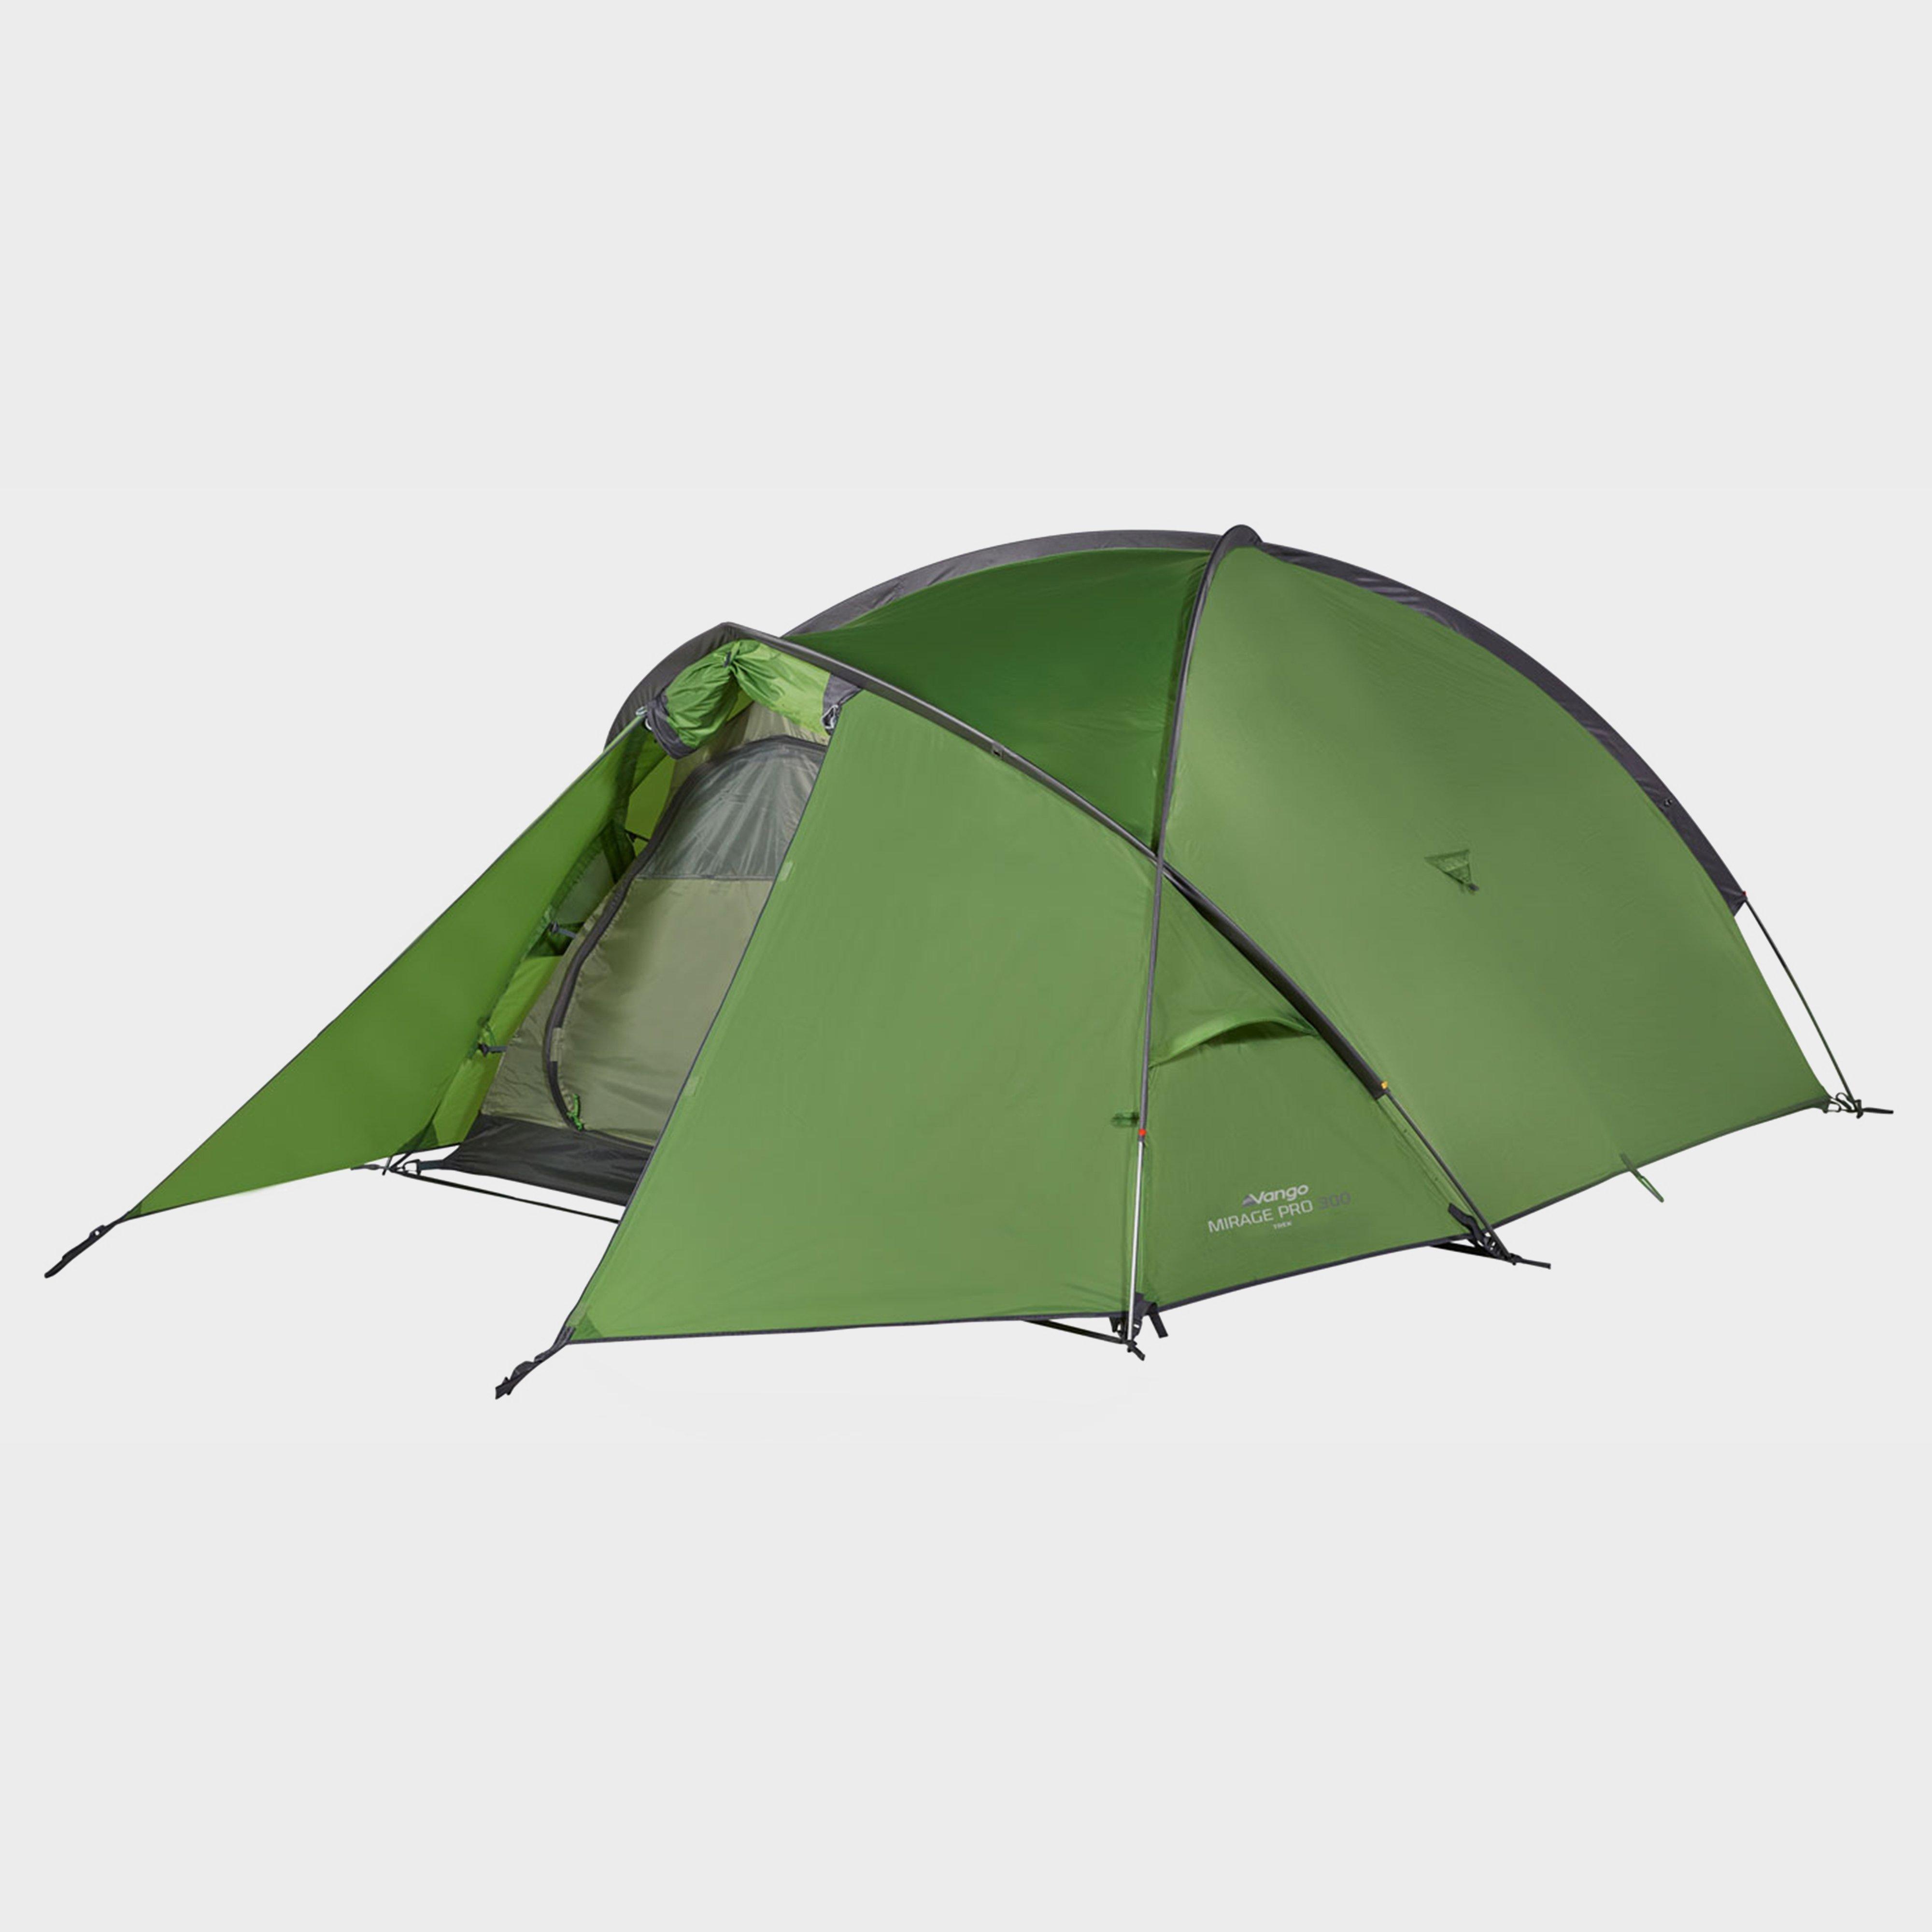 Vango Vango Mirage Pro 300 - Green, Green